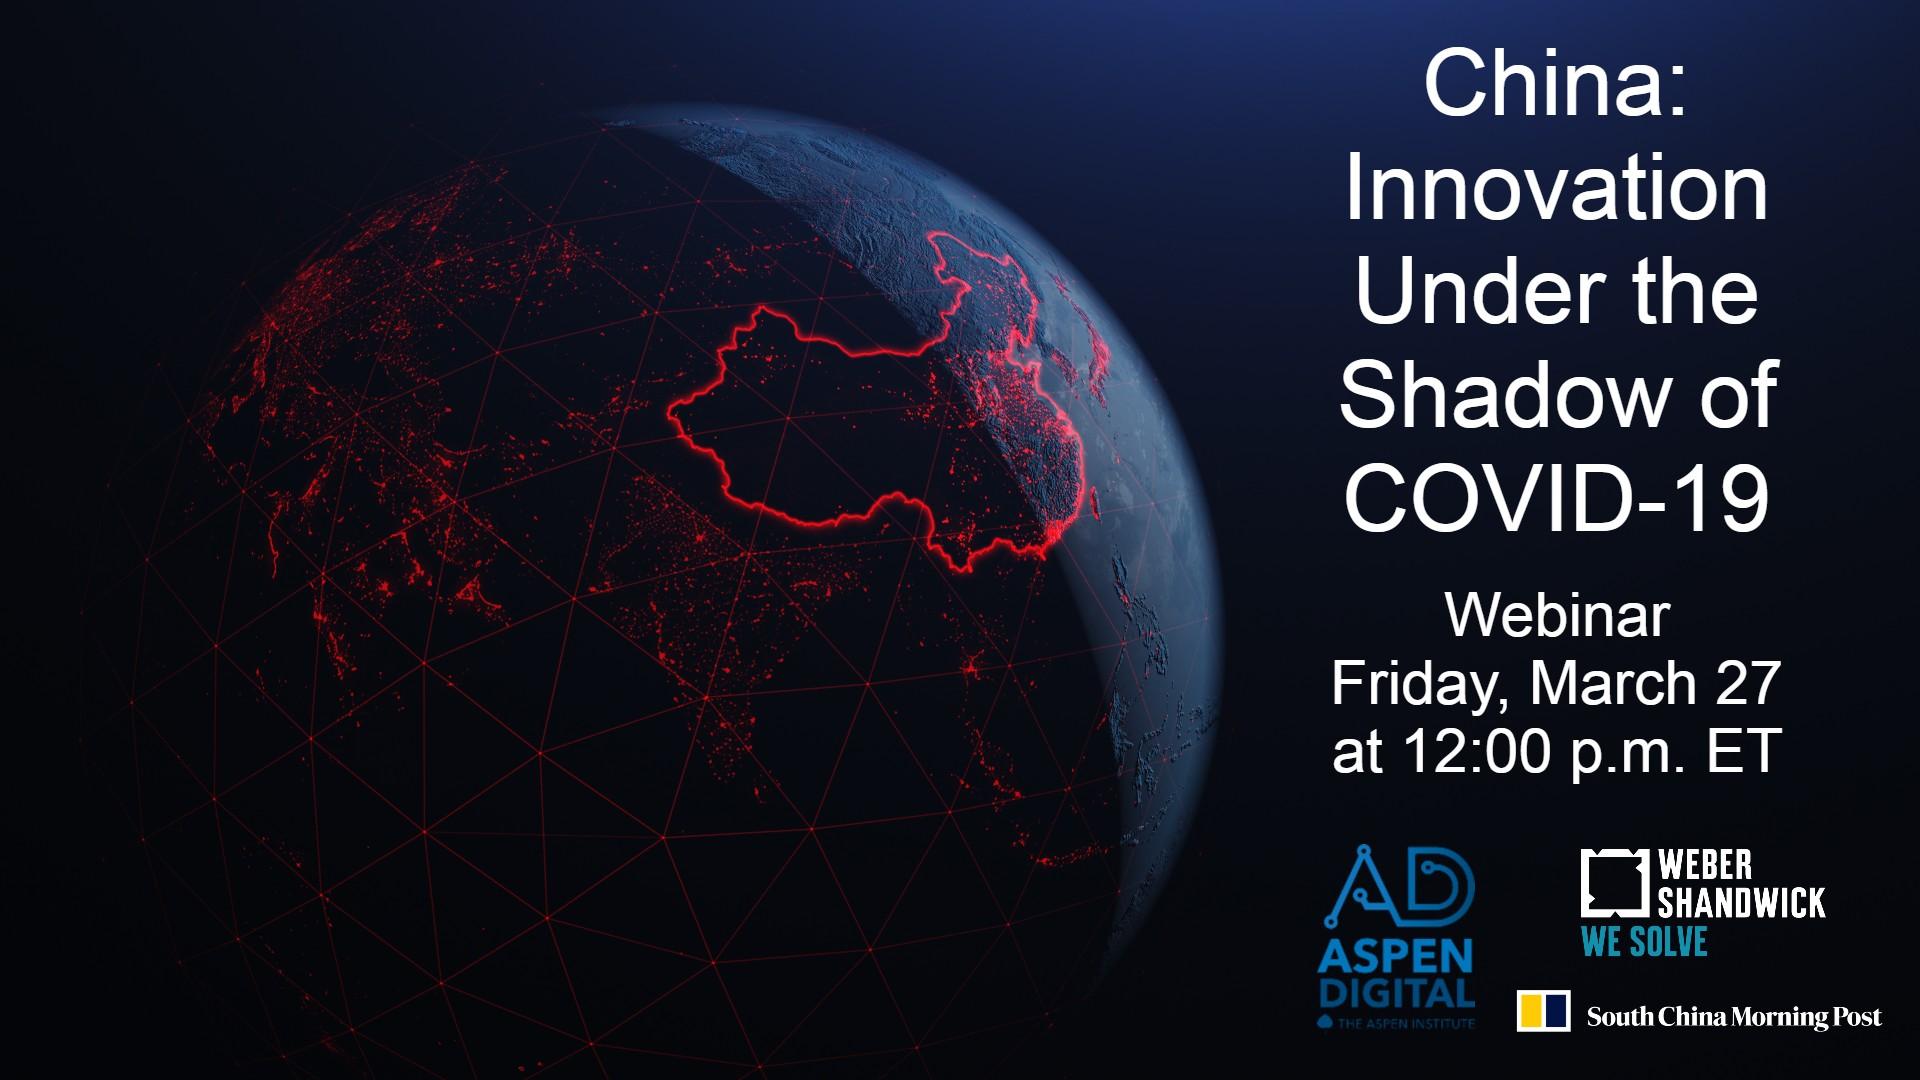 CHINA: Innovation & COVID-19